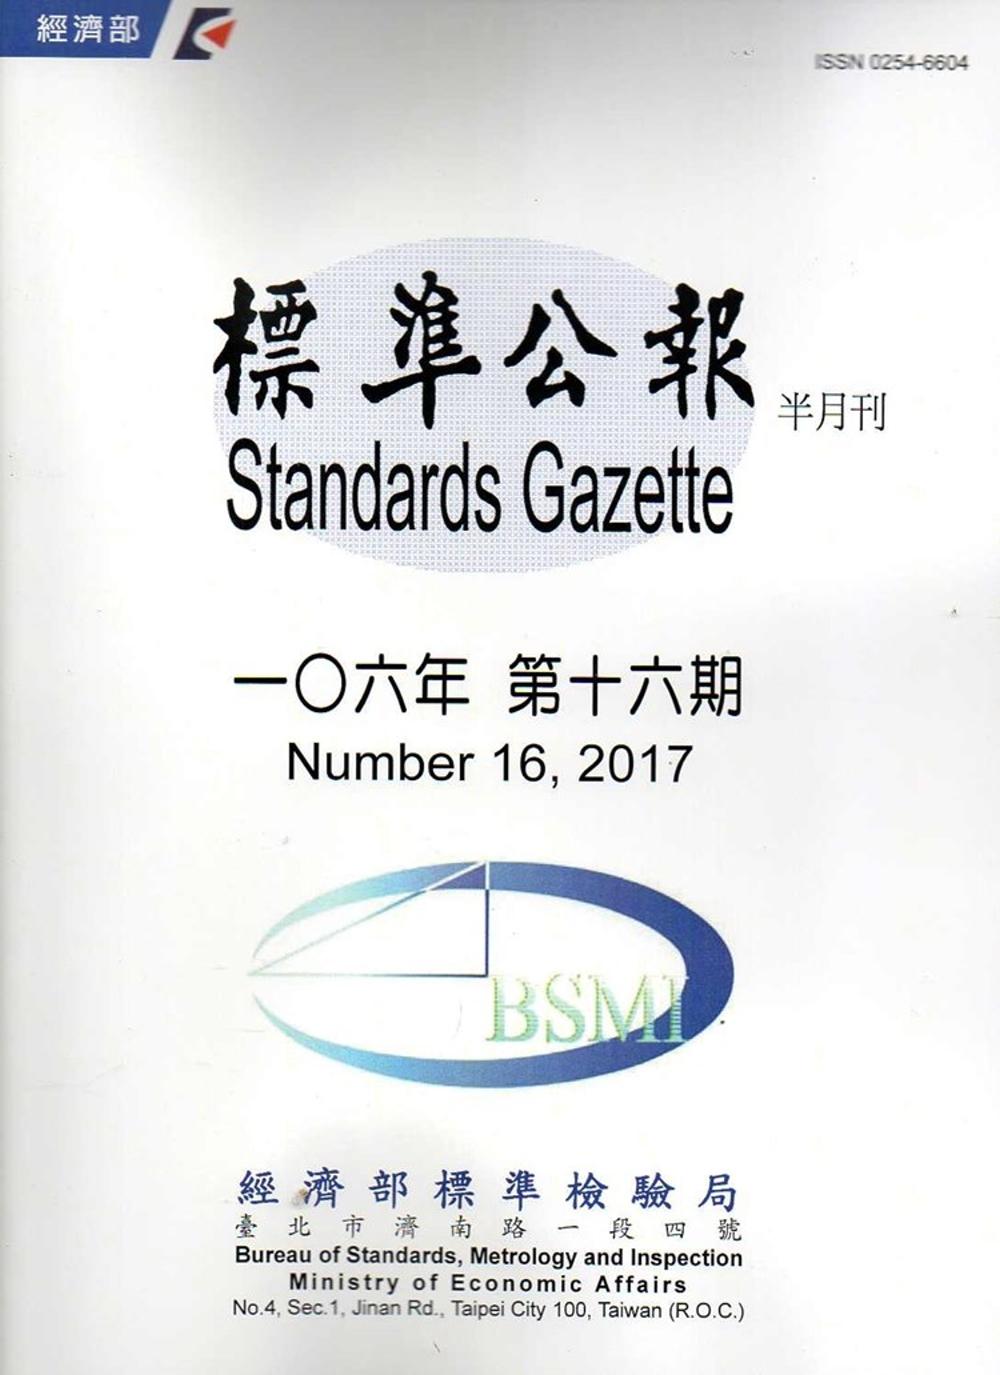 標準公報半月刊106年 第十六期